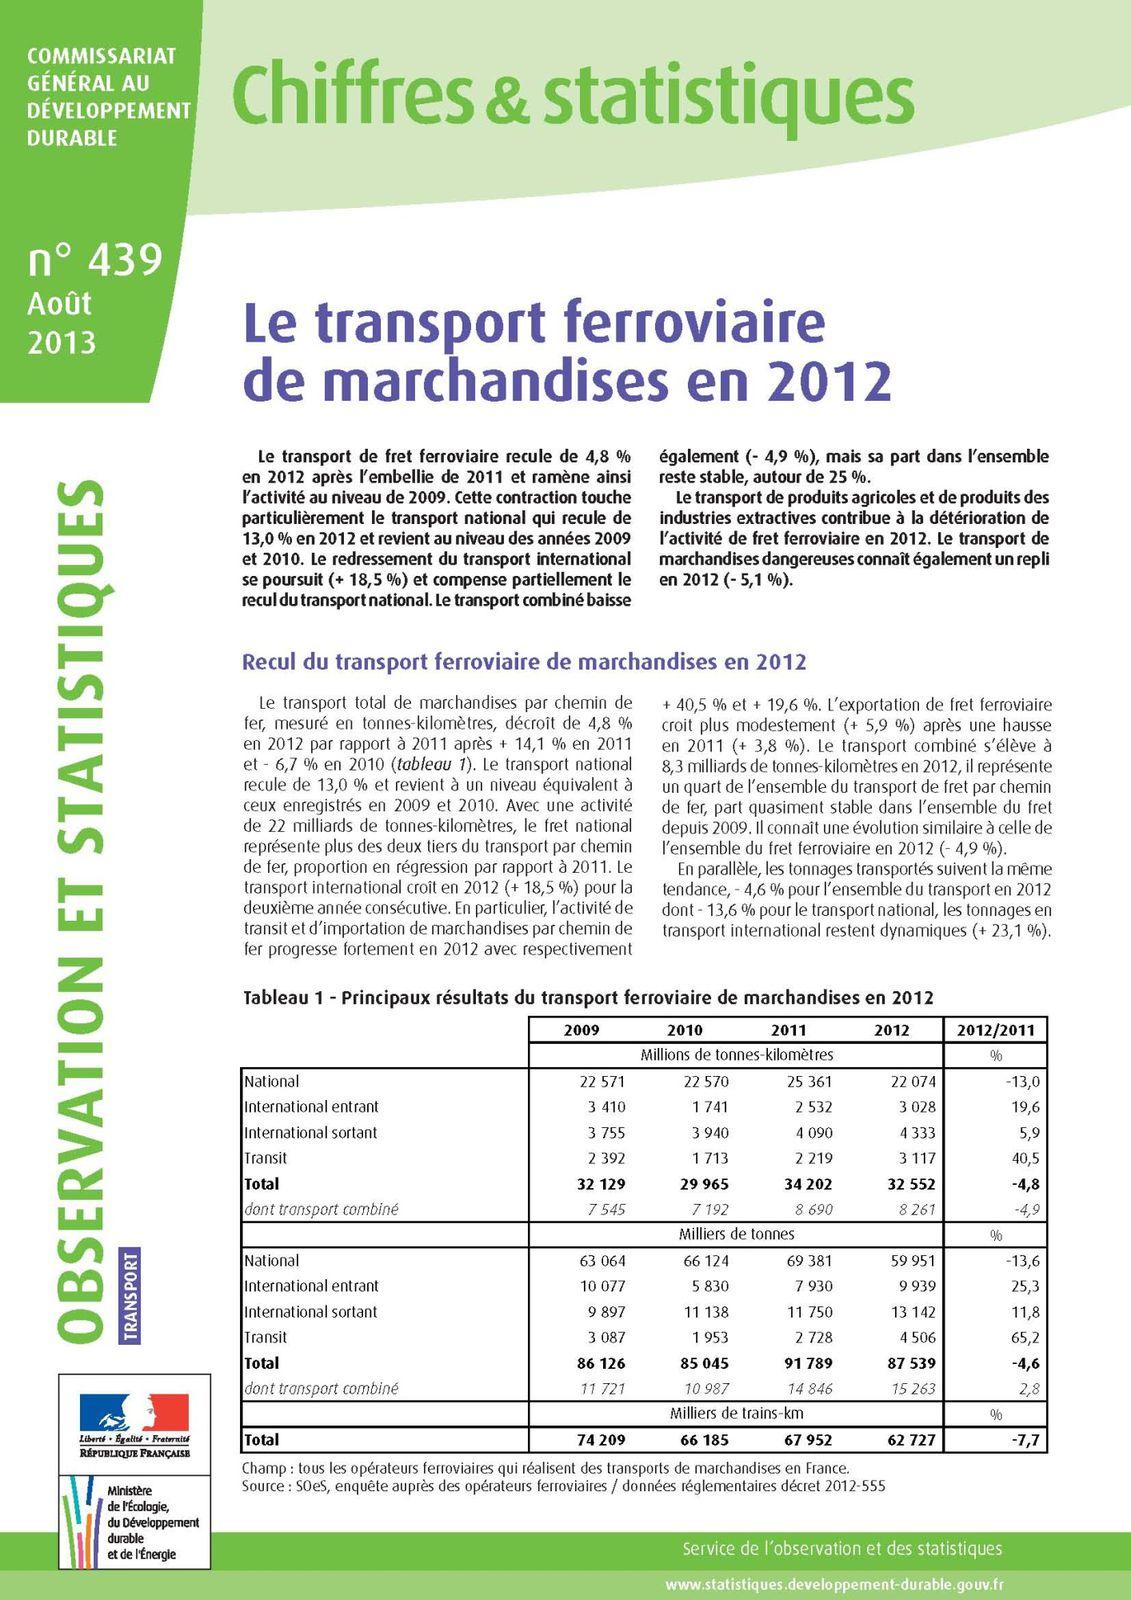 Le transport ferroviaire de marchandises en 2012